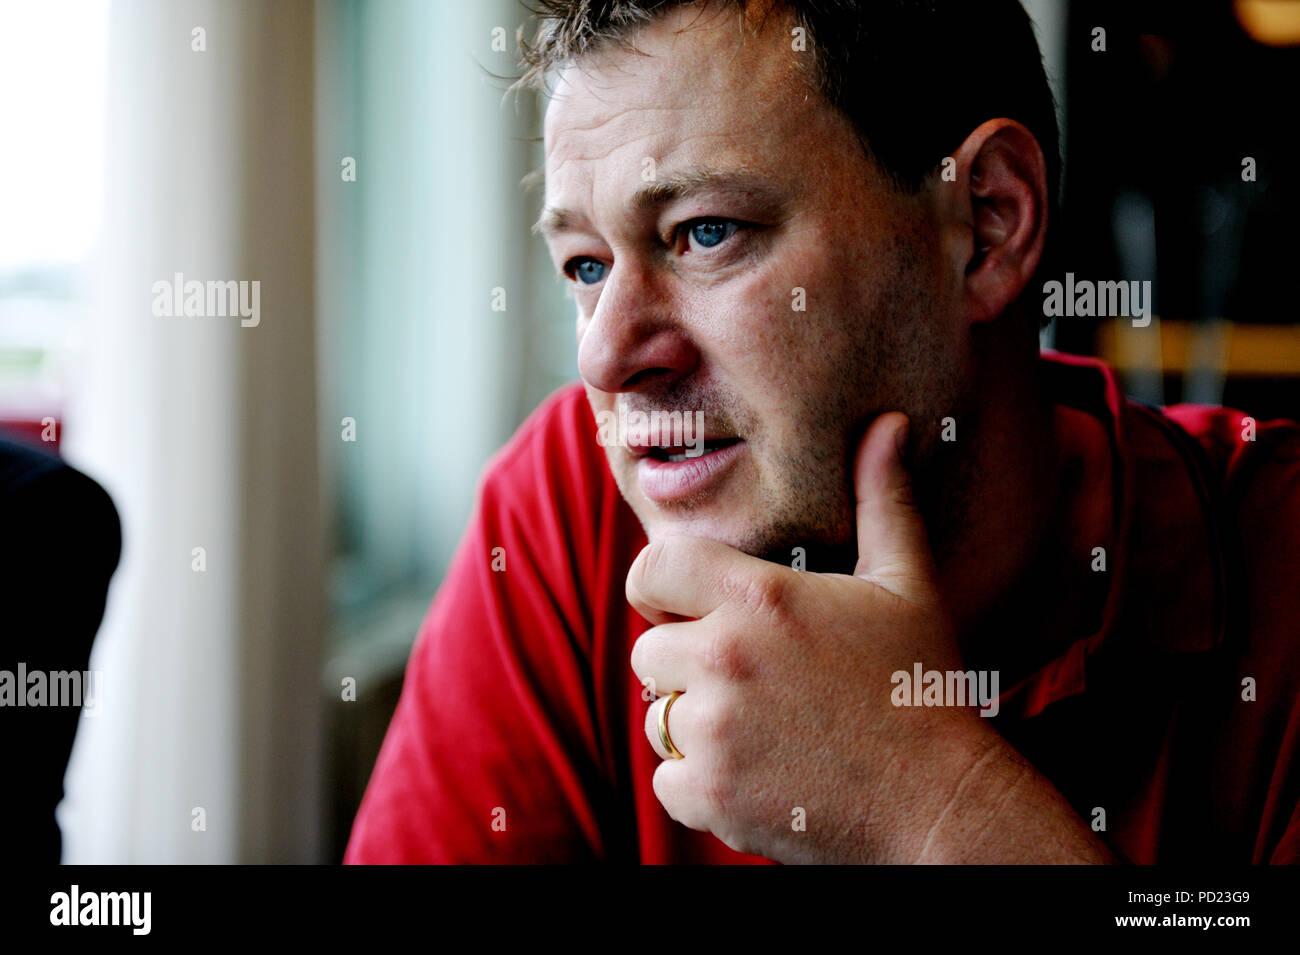 Flemish TV personality Bart De Pauw (Lier, 28/08/2008) - Stock Image